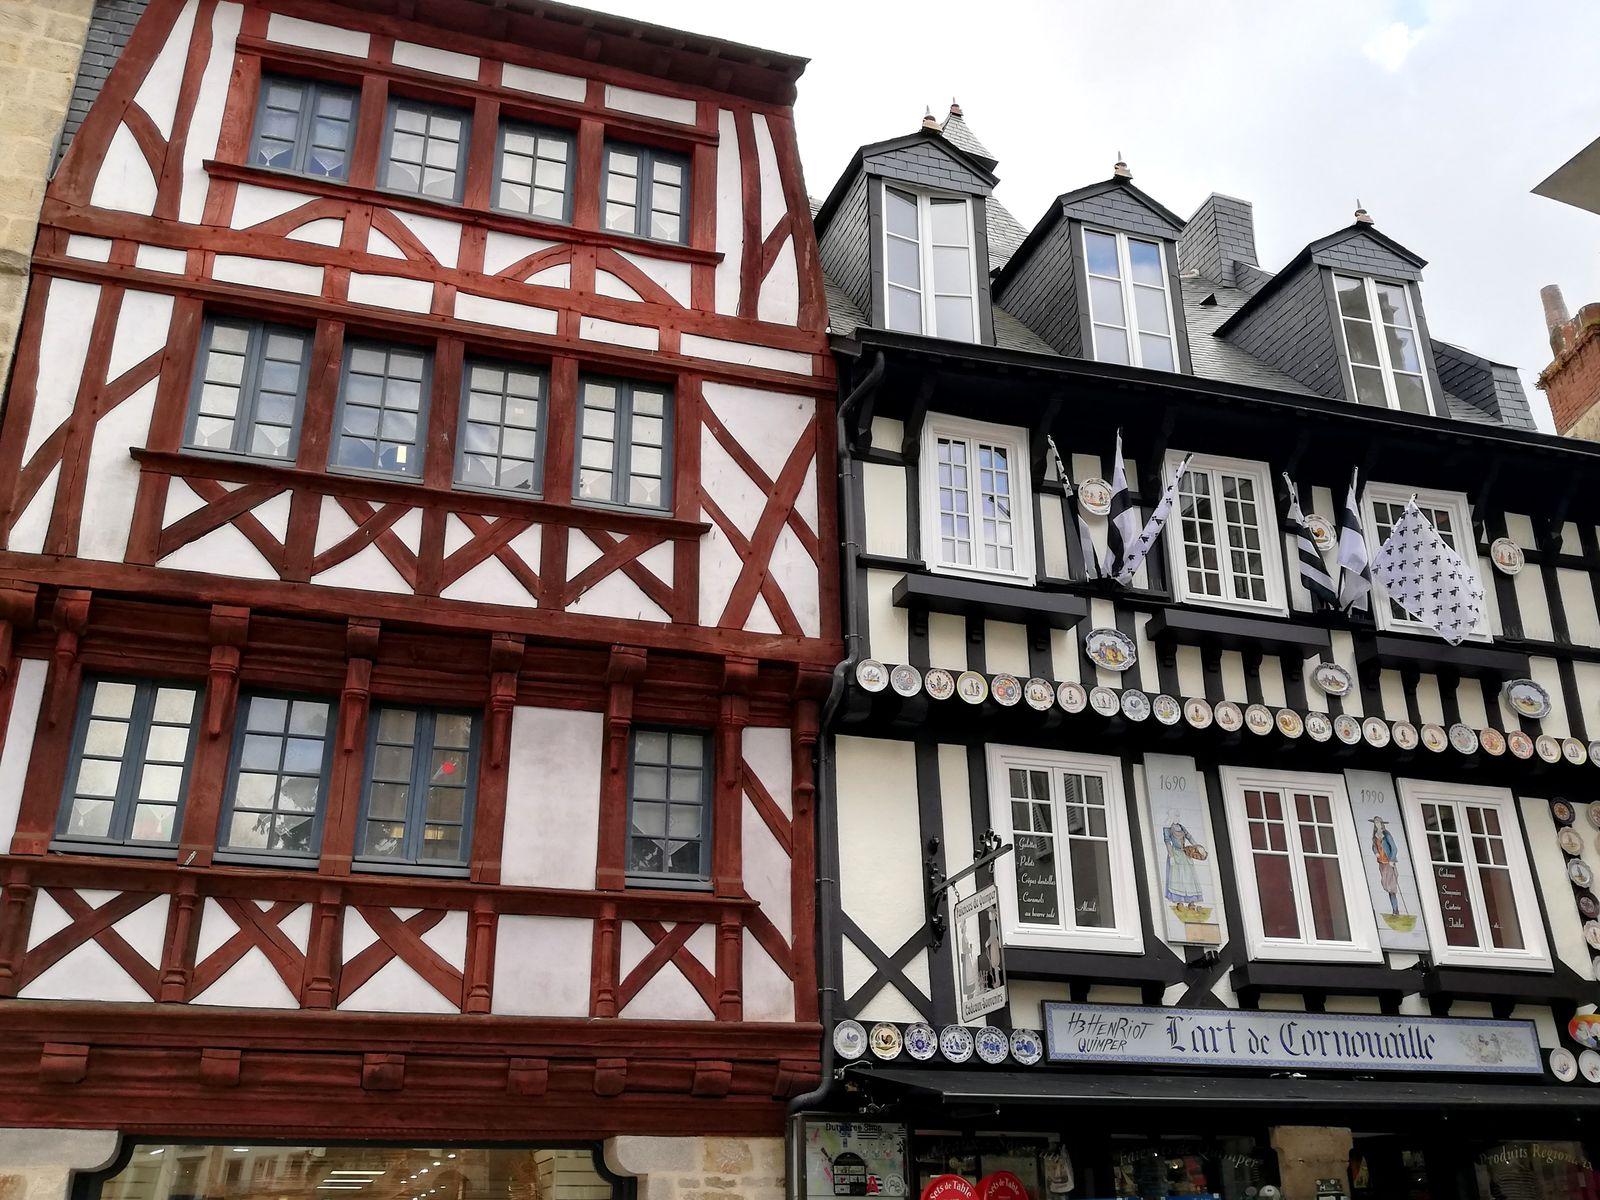 Maisons à colombages de Quimper.